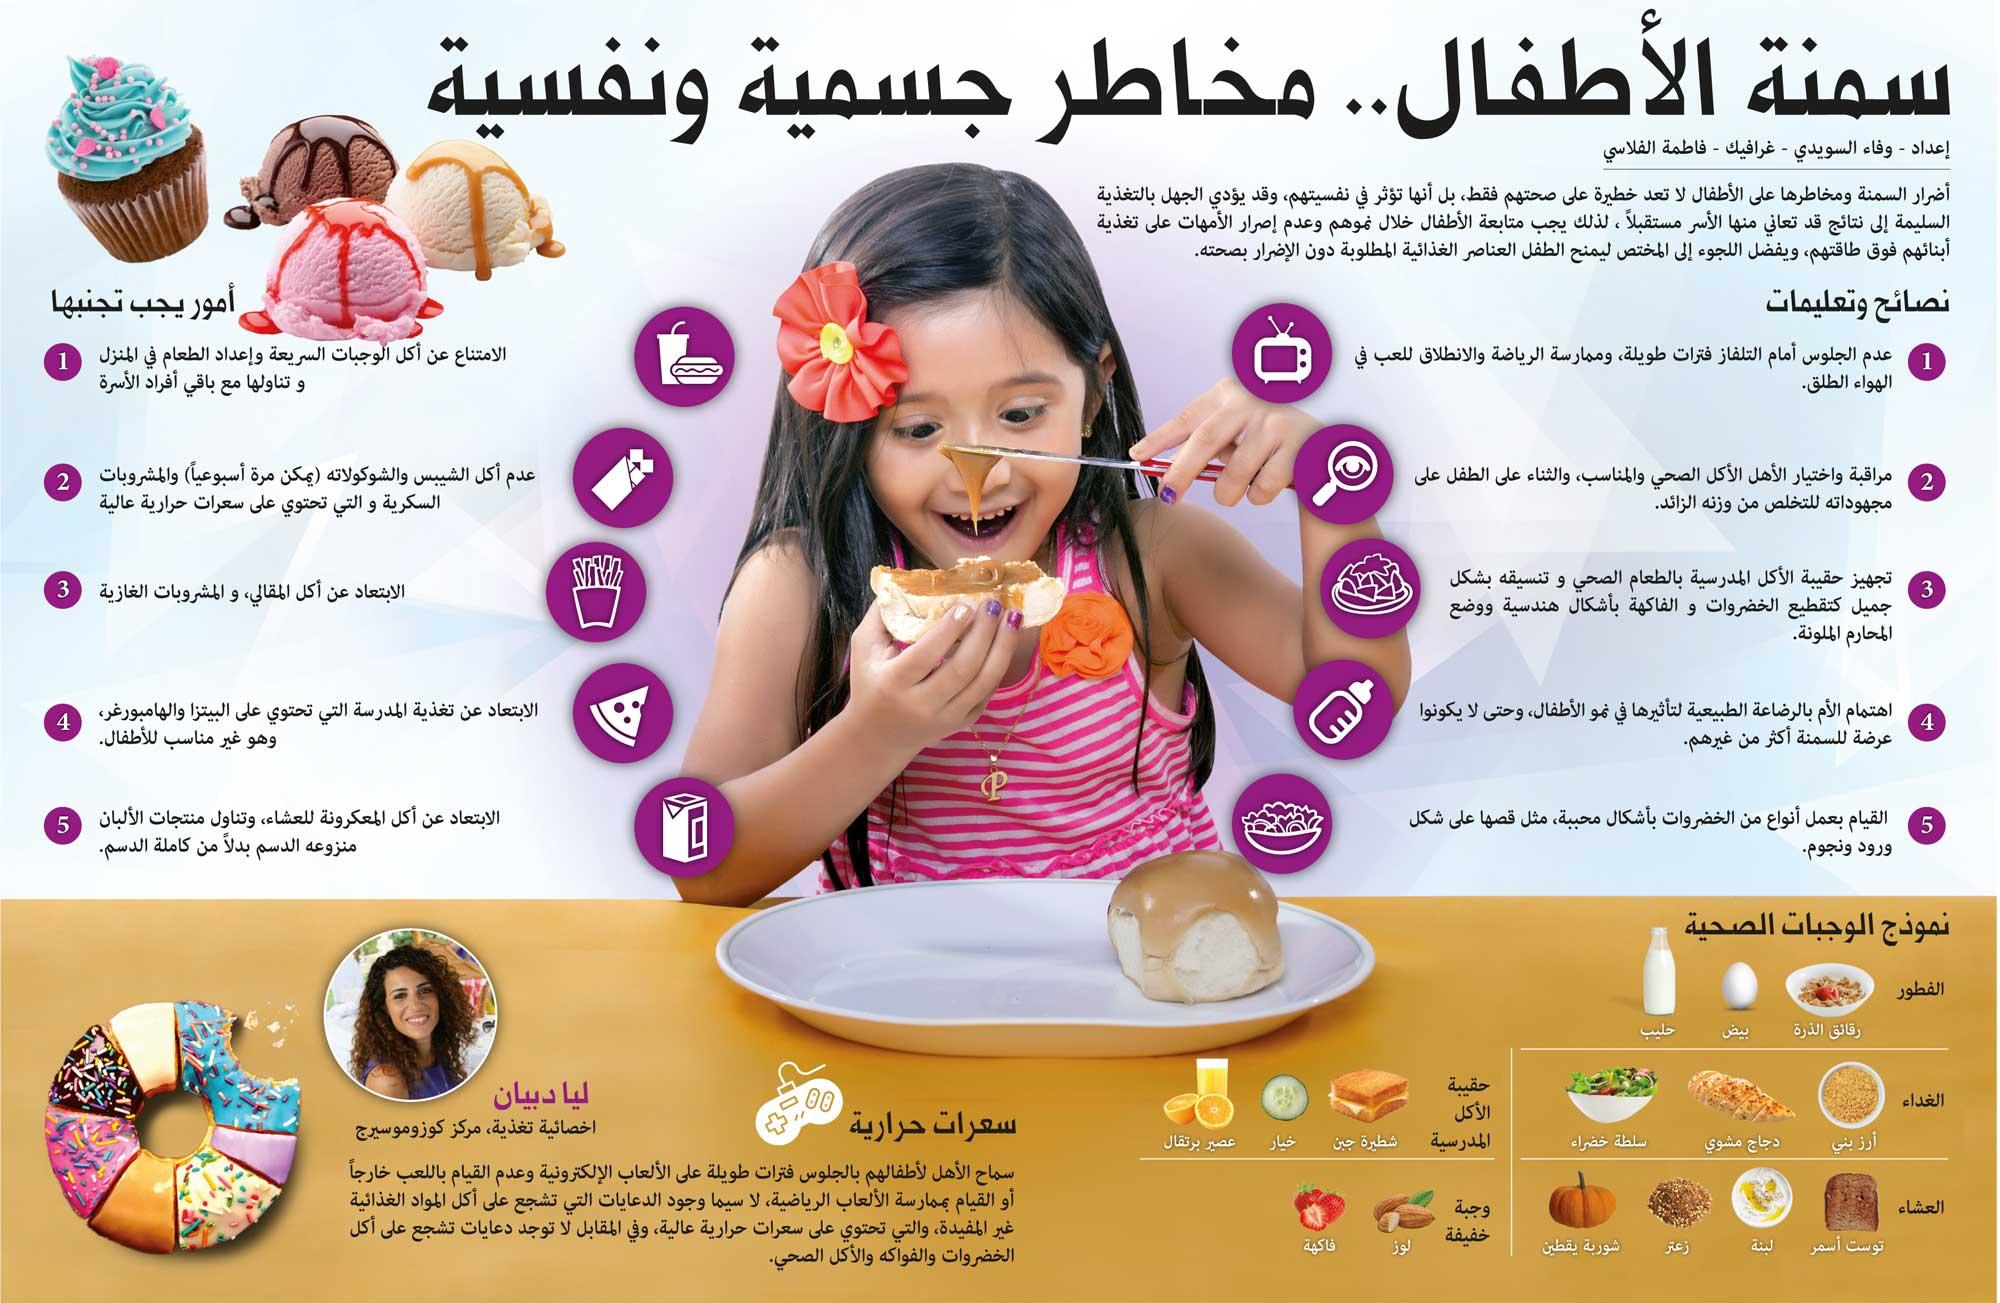 سمنة الأطفال.. مخاطر جسمية ونفسية ...: http://www.albayan.ae/five-senses/mirrors/2014-09-14-1.2201458